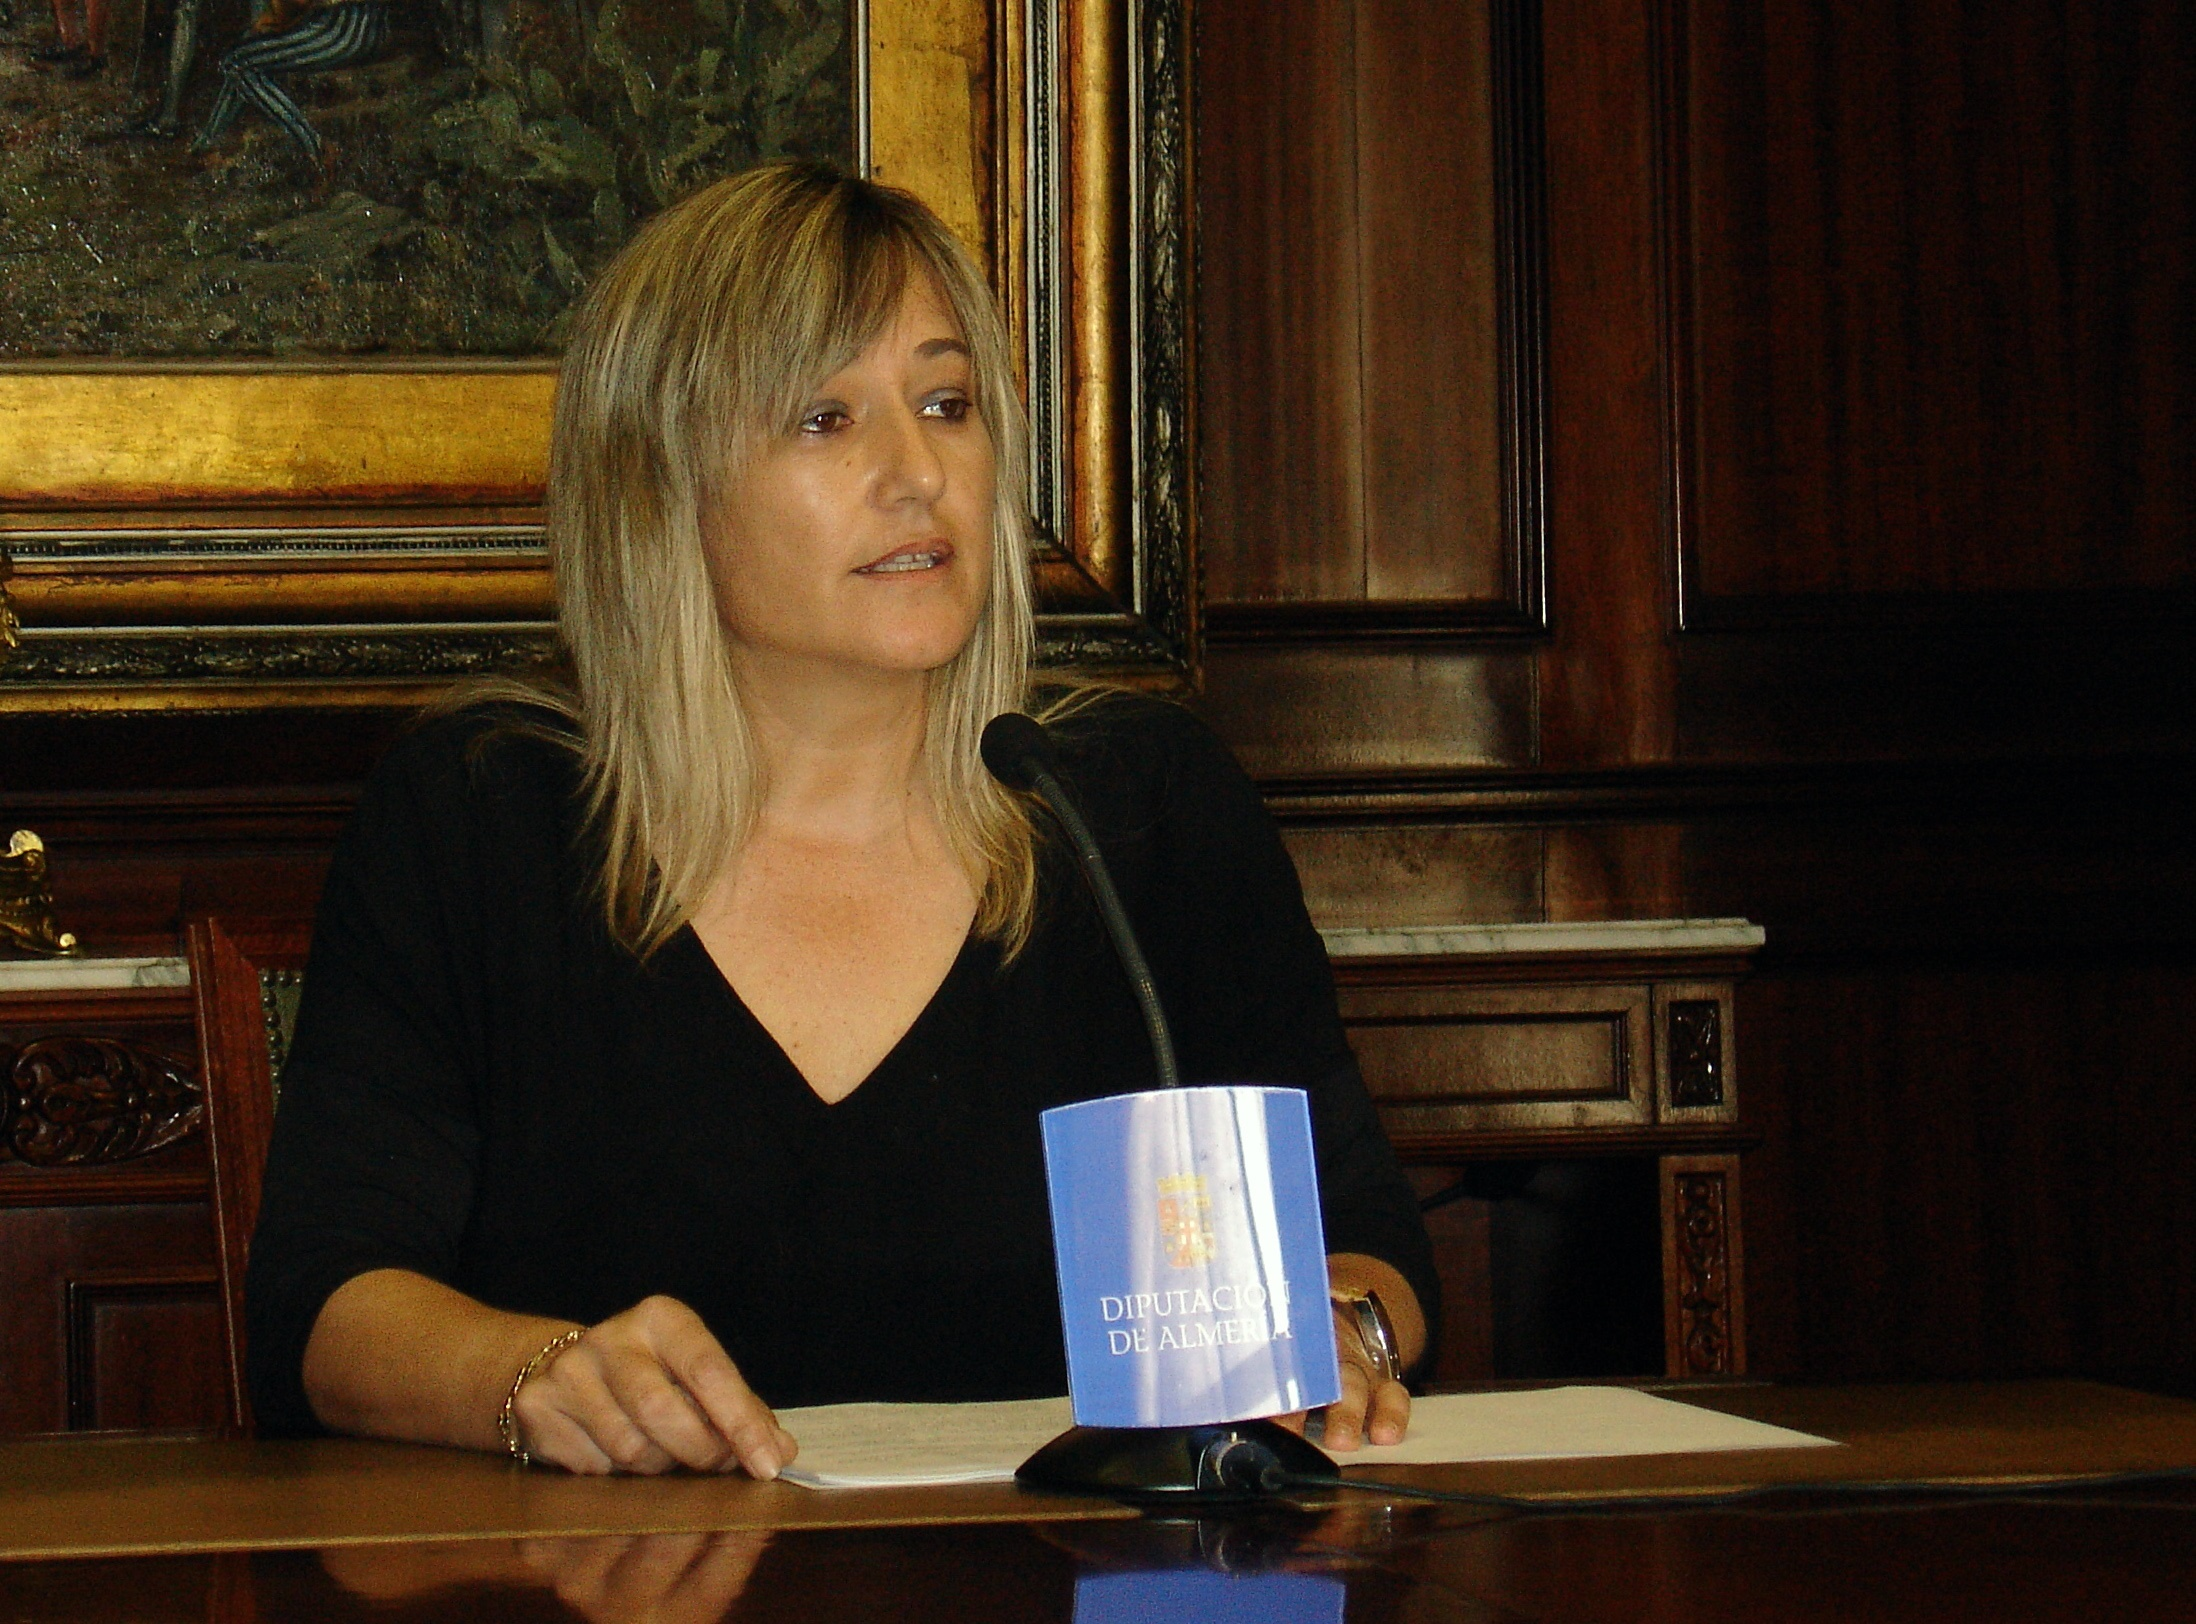 PSOE pedirá un pleno extraordinario en Diputación sobre la presunta financiación ilegal del PP en Almería